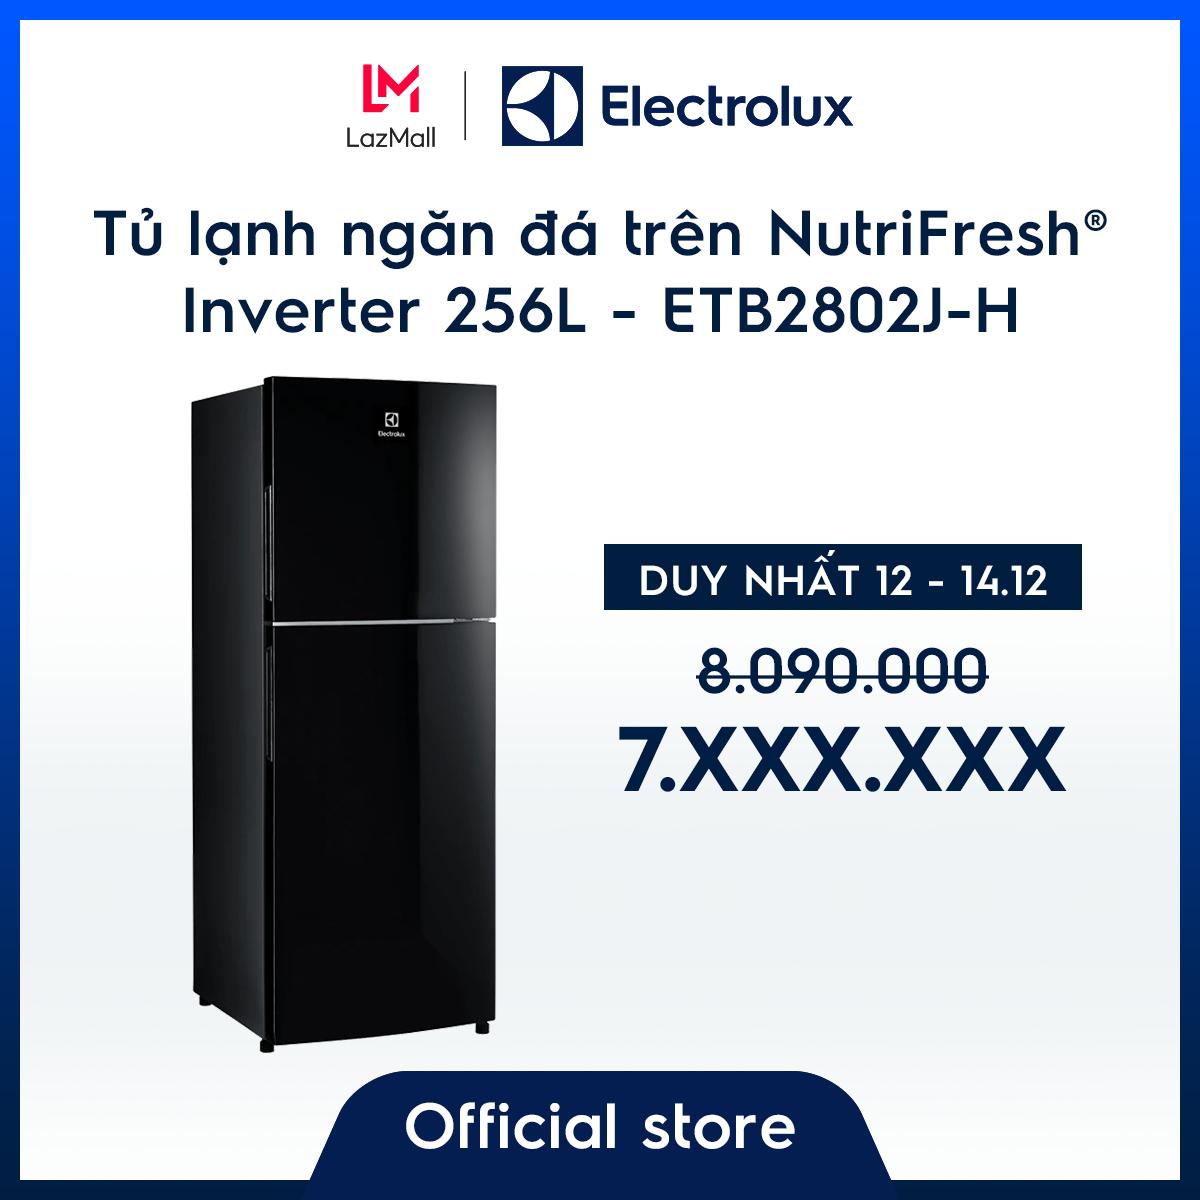 [Miễn phí giao hàng HCM & HN] Tủ lạnh Electrolux 256L ETB2802J-H – Màu đen độc đáo – Ngăn đông mềm giữ thực phẩm tươi ngon – Khử mùi diệt khuẩn – Hàng chính hãng